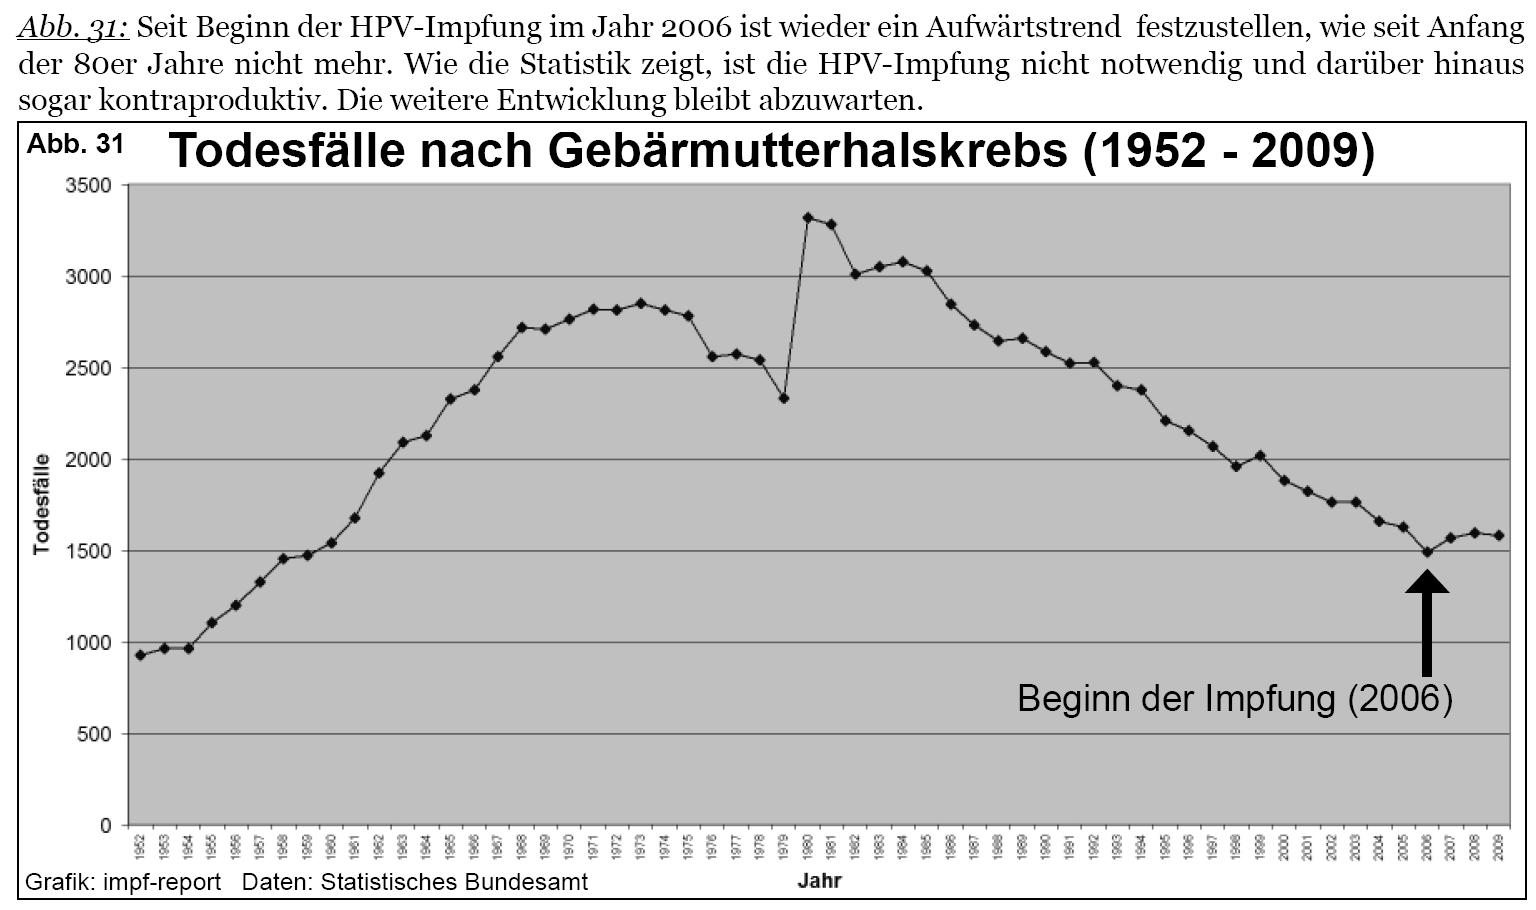 hpv impfung jungen kritik